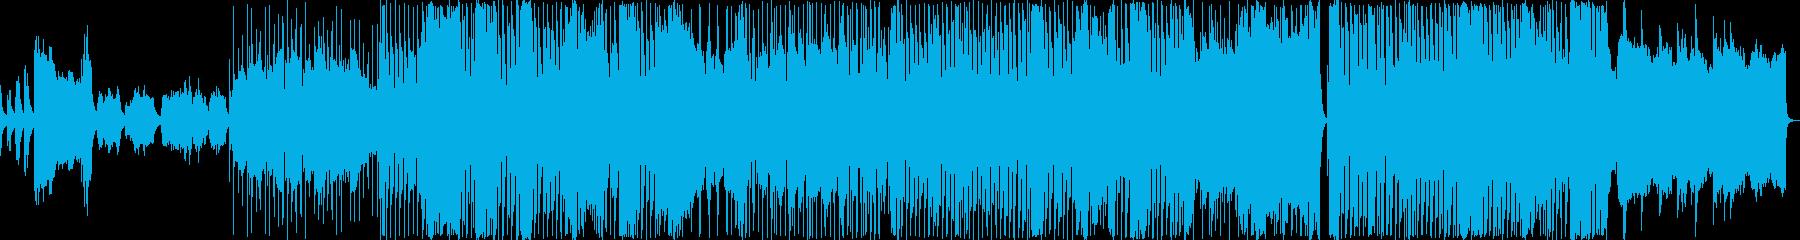 クラシカルな寂しい雰囲気のバラードの再生済みの波形